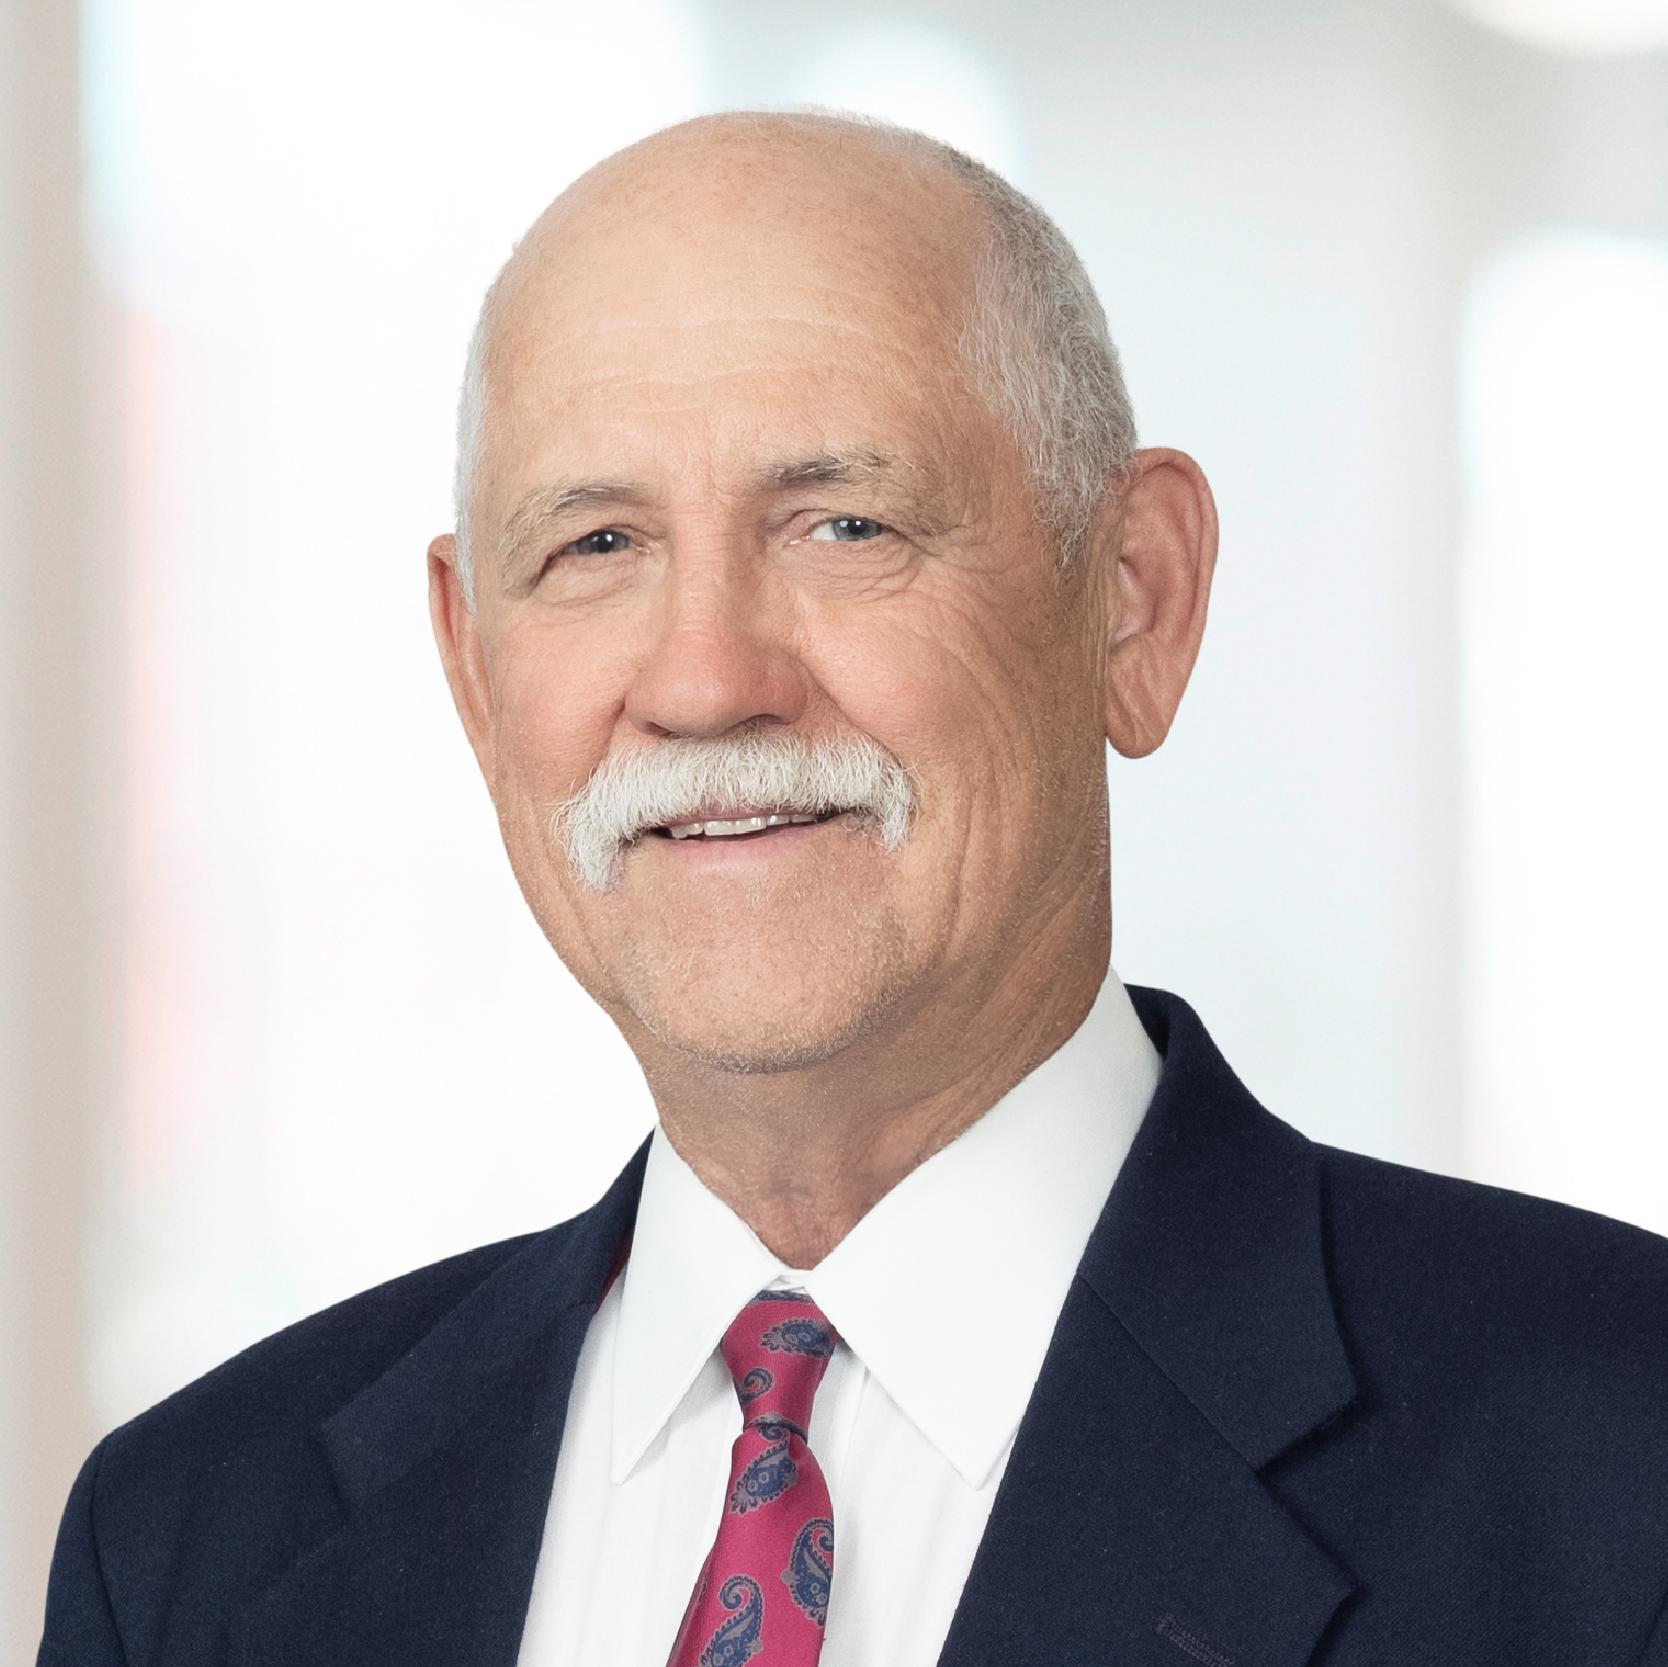 Andrew R. Tillman